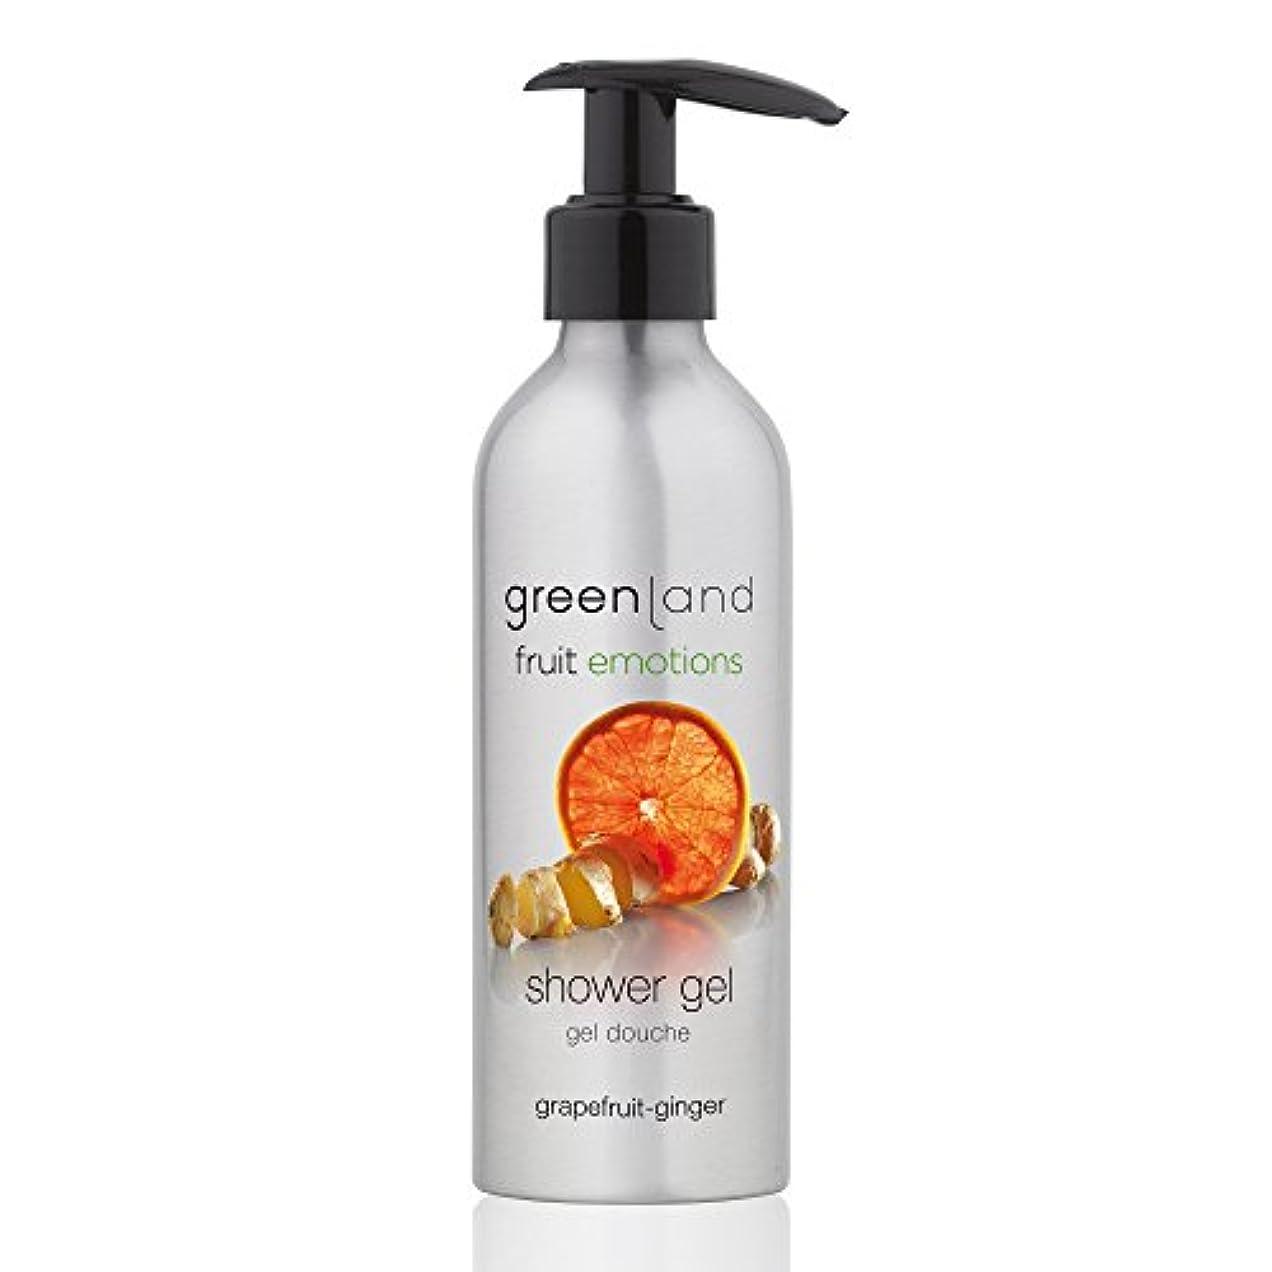 飛躍雇う流用するgreenland [FruitEmotions] シャワージェル 200ml グレープフルーツ&ジンジャー FE0215